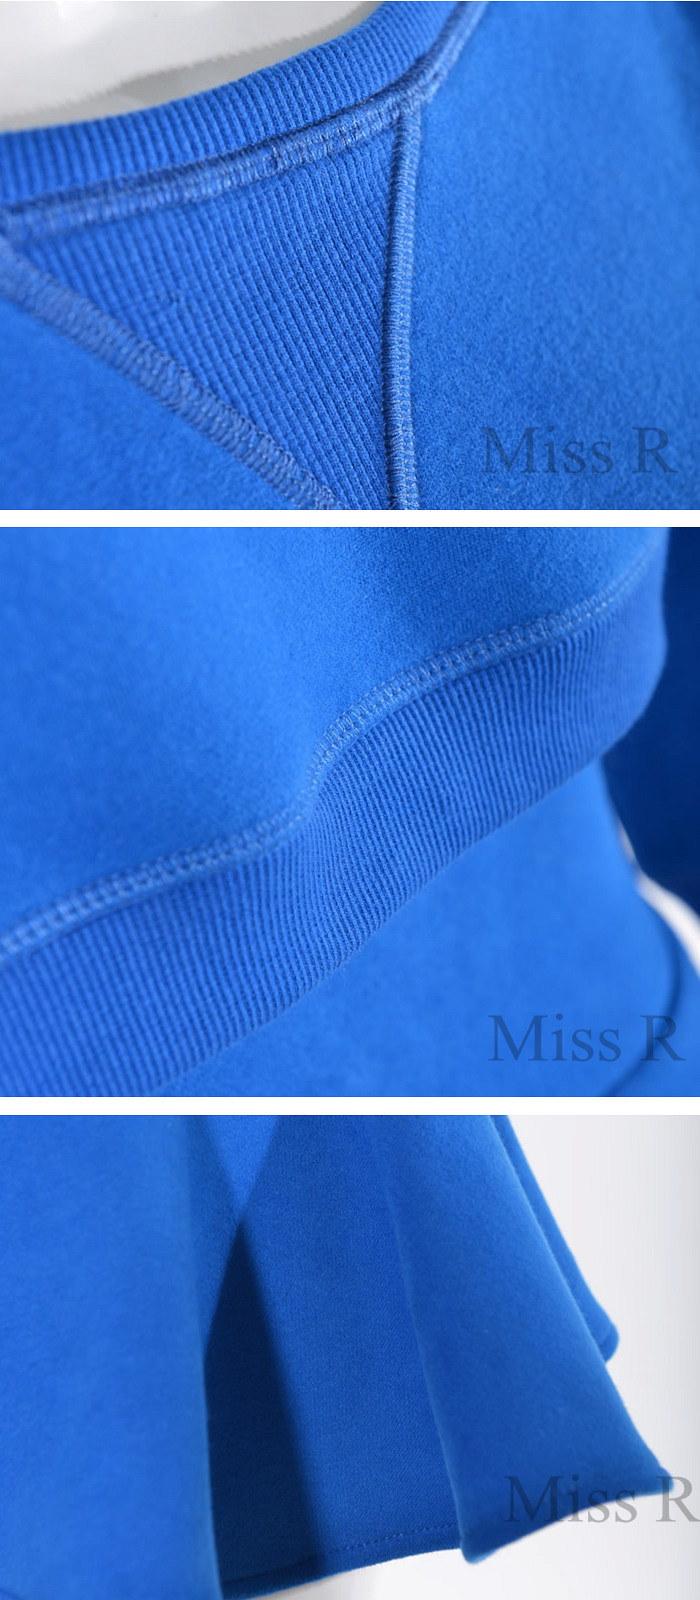 ドルマンスリーブ フレアスカート ミニスカート スウェット セットアップ 秋冬(2色)【Miss R GOLD ゴールド】